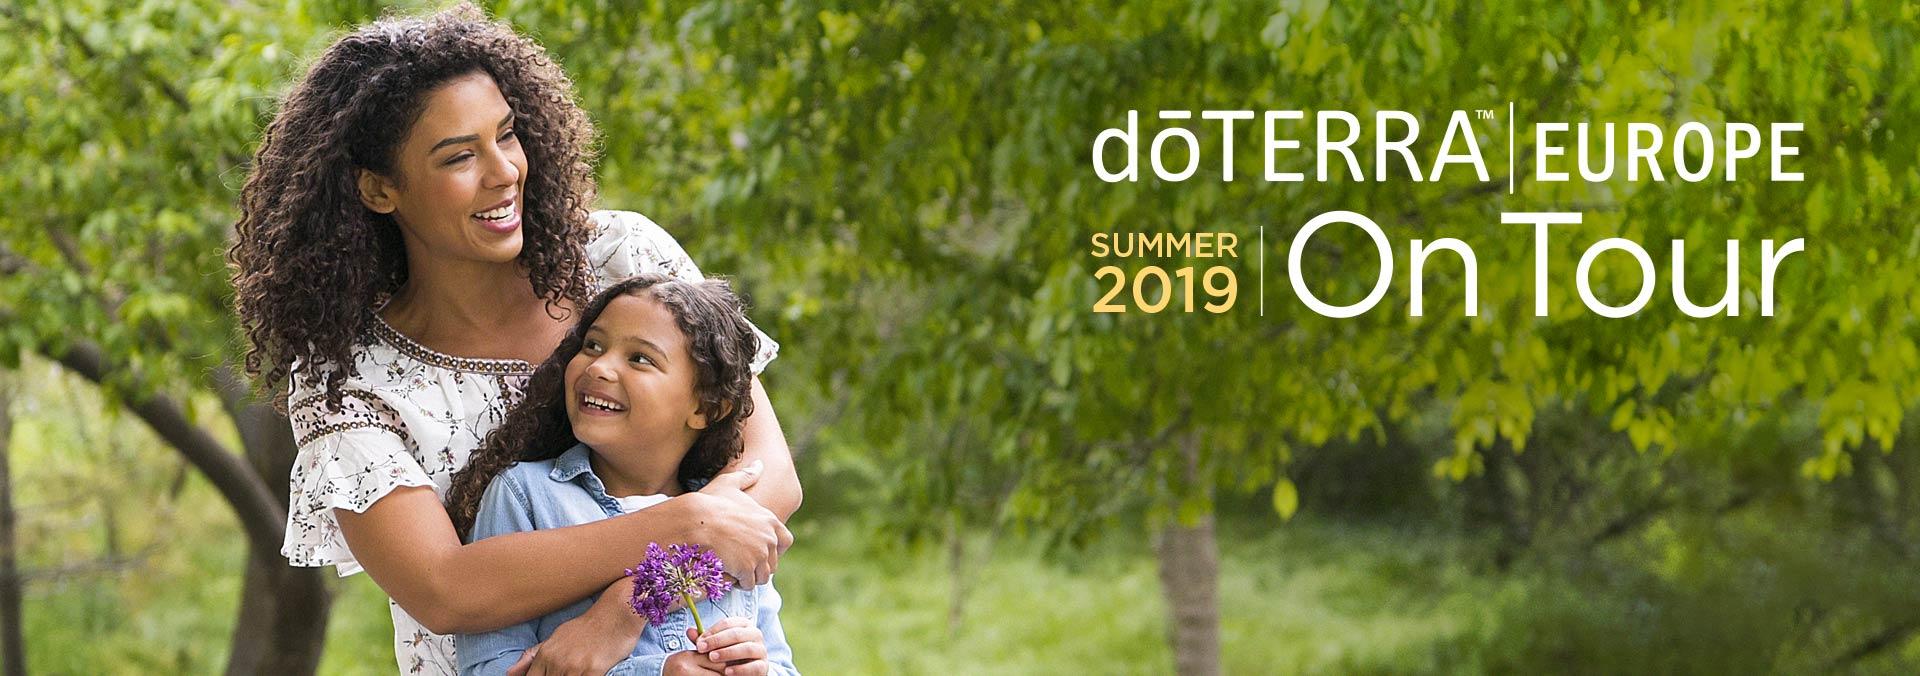 doterra Sommer Tour 2019